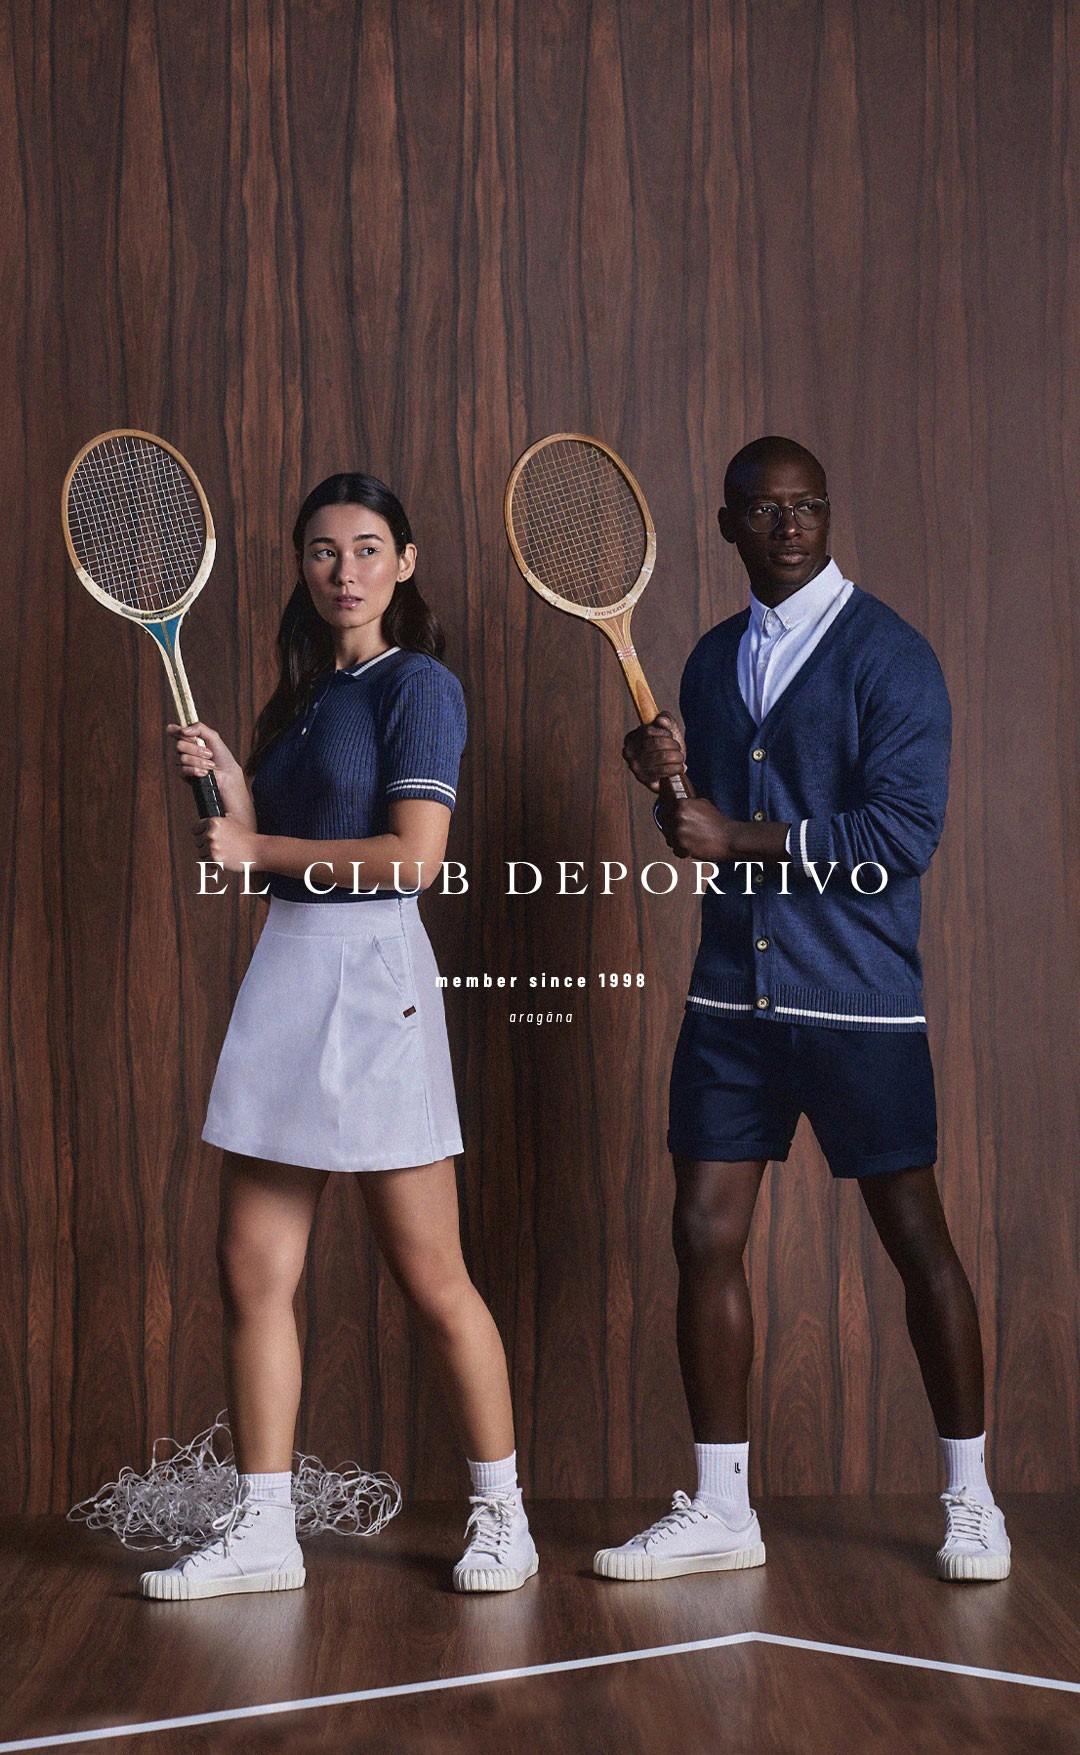 El Club Deportivo